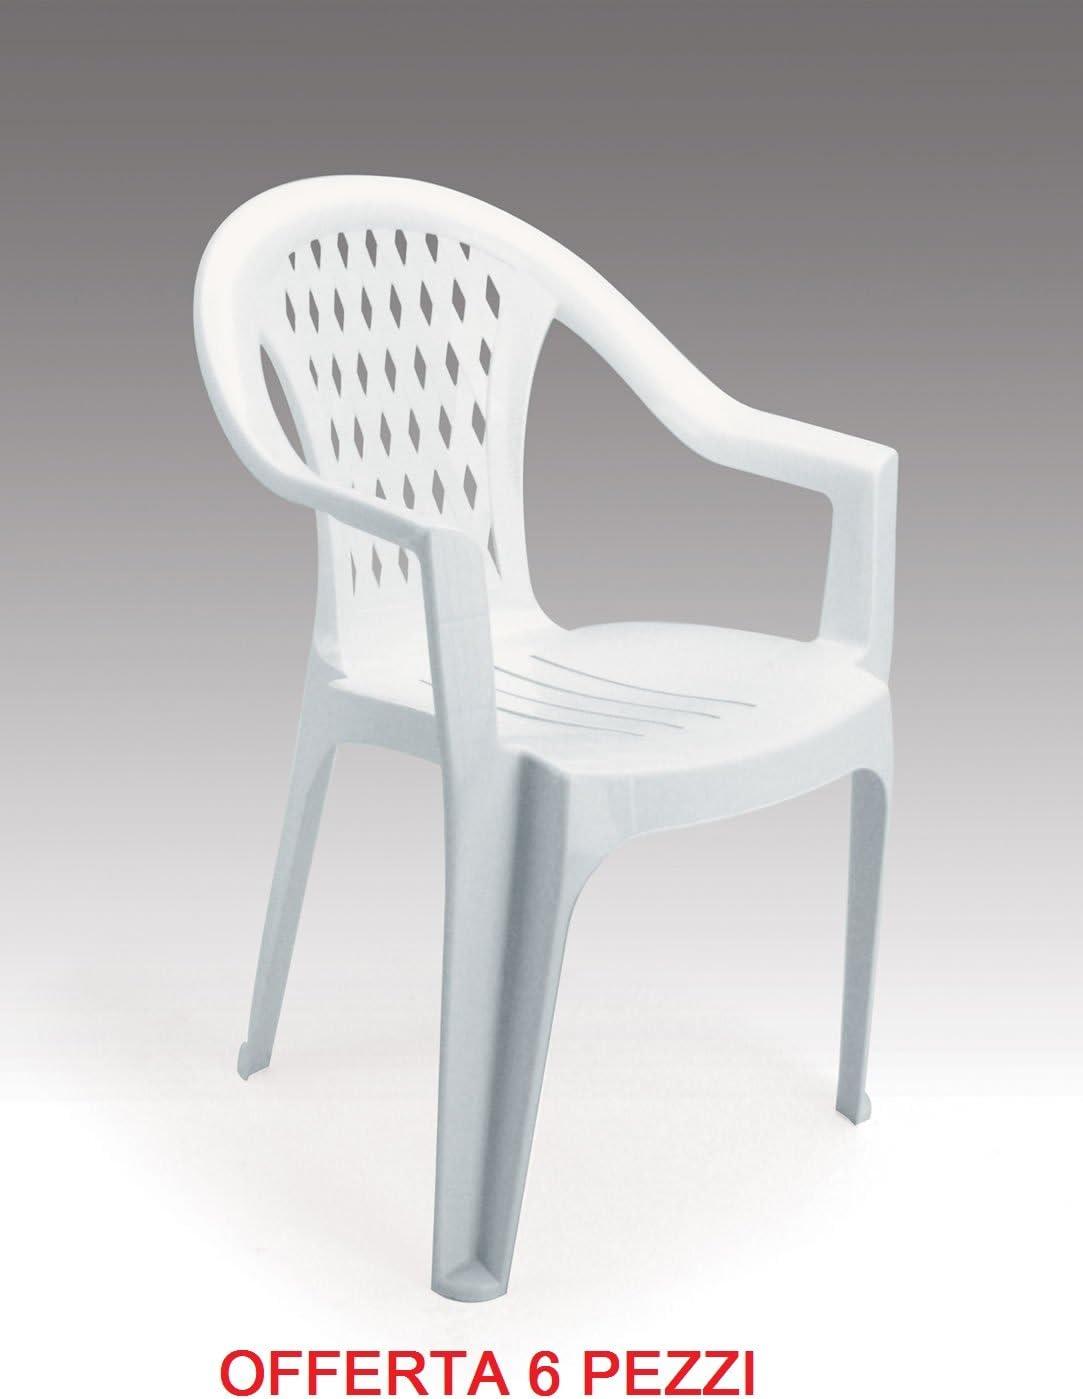 Sedie In Plastica Da Giardino Prezzi.Gbshop Sedia Poltrona Da Giardino Economica In Plastica Resina